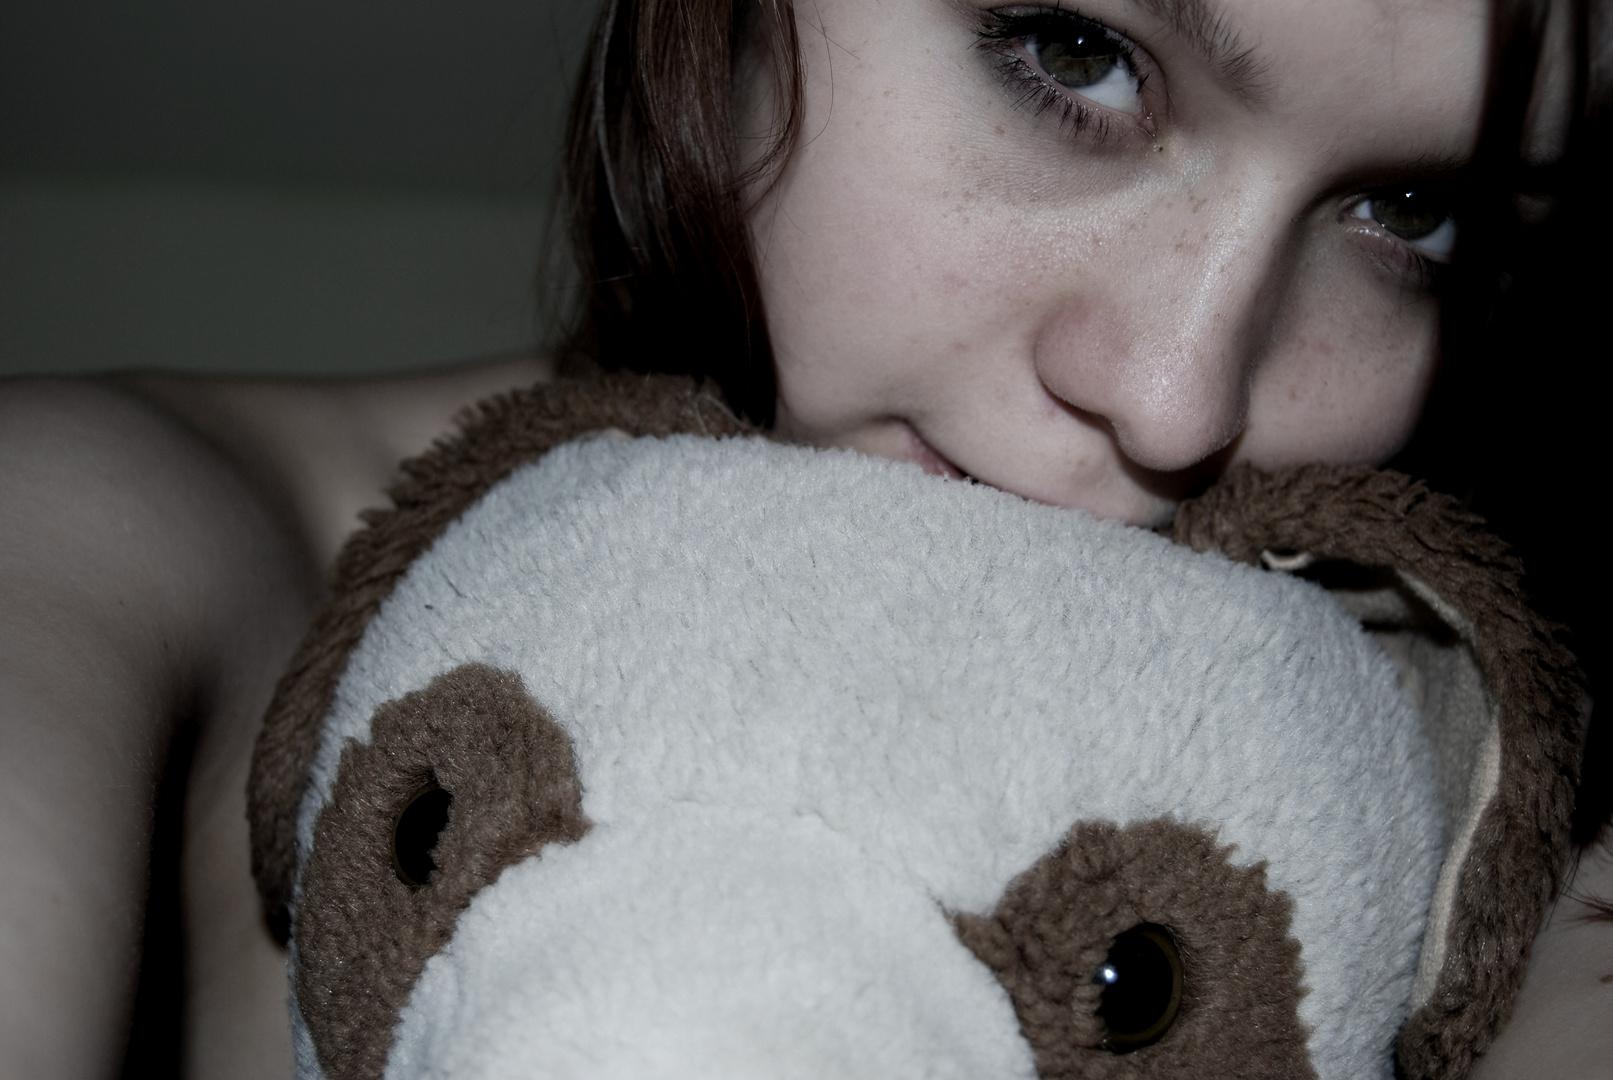 Mr Teddy 2